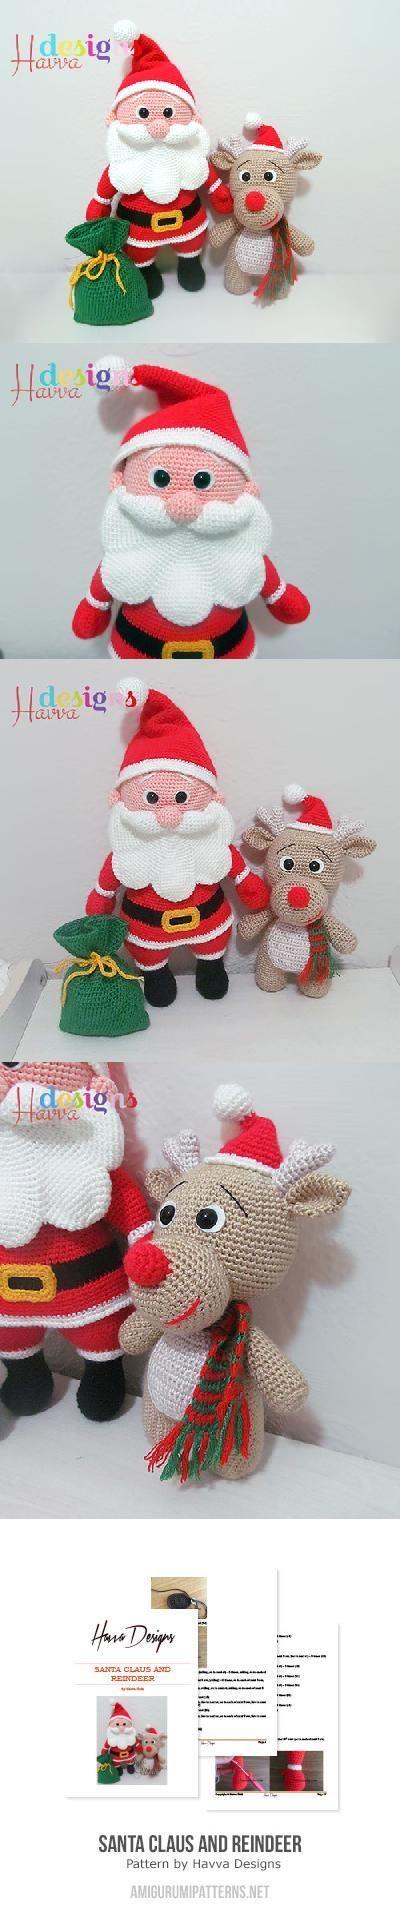 Santa Claus And Reindeer Amigurumi Pattern